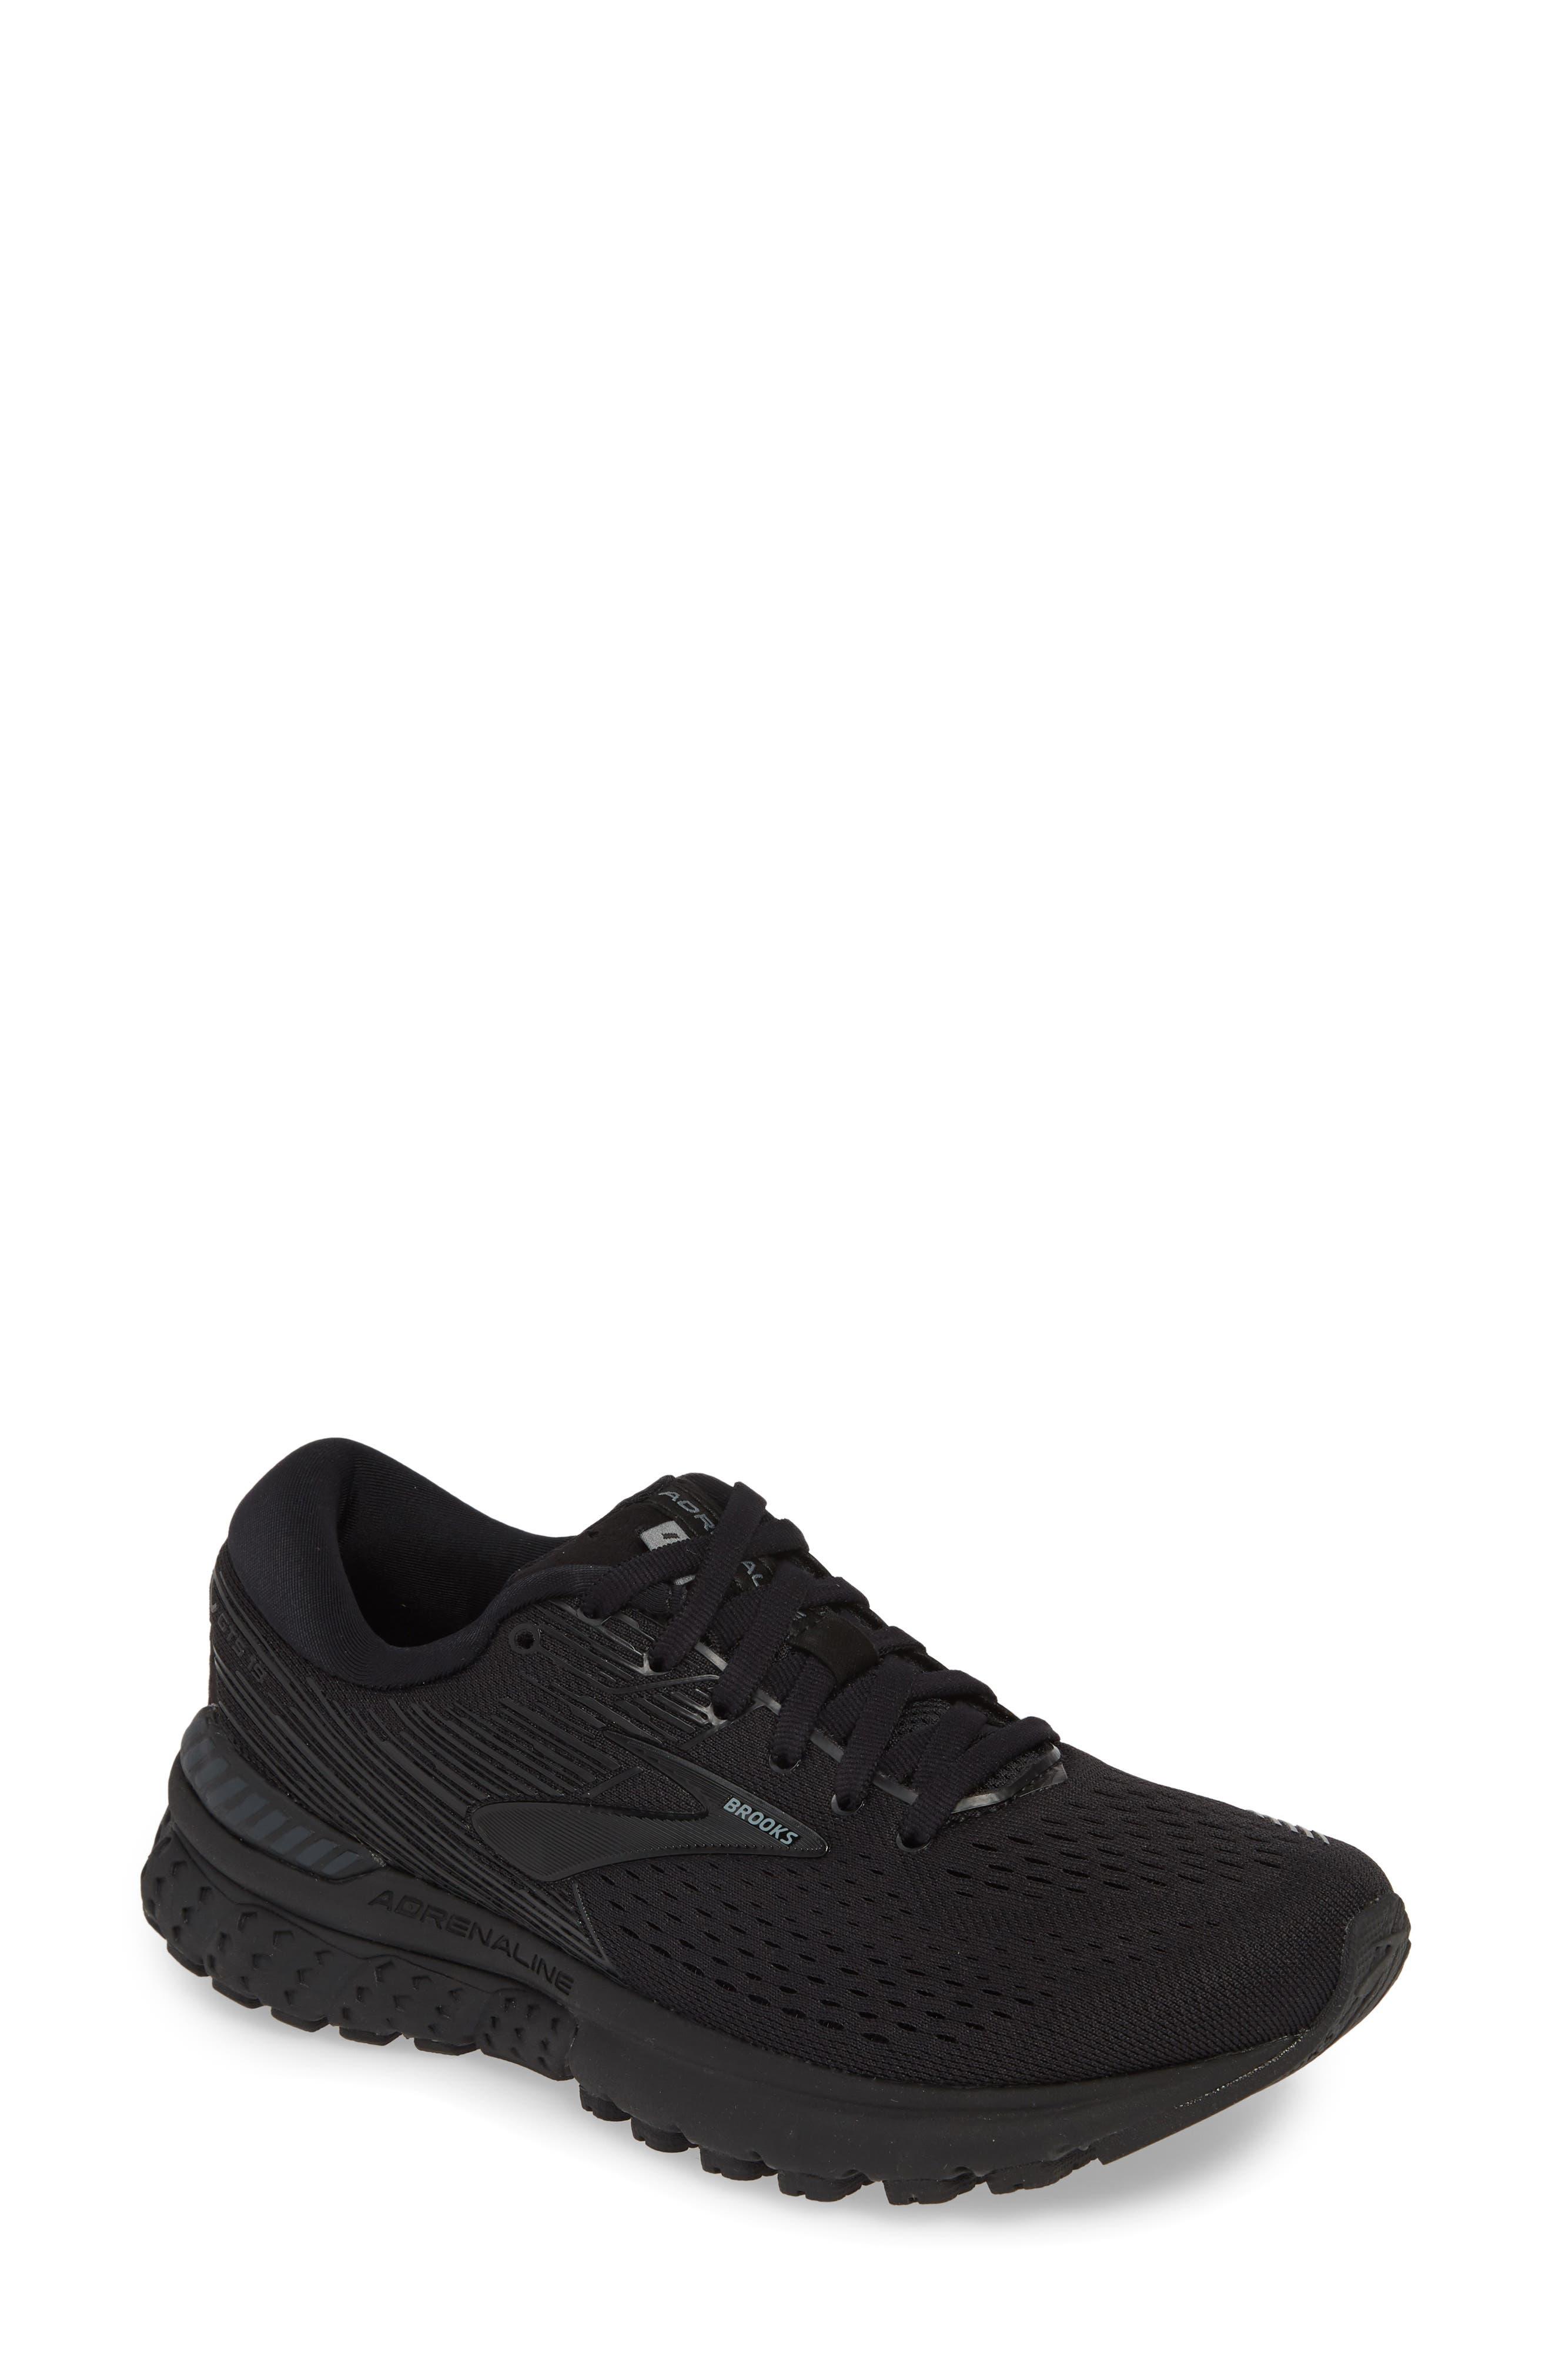 Brooks Adrenaline Gts 19 Running Shoe B - Black